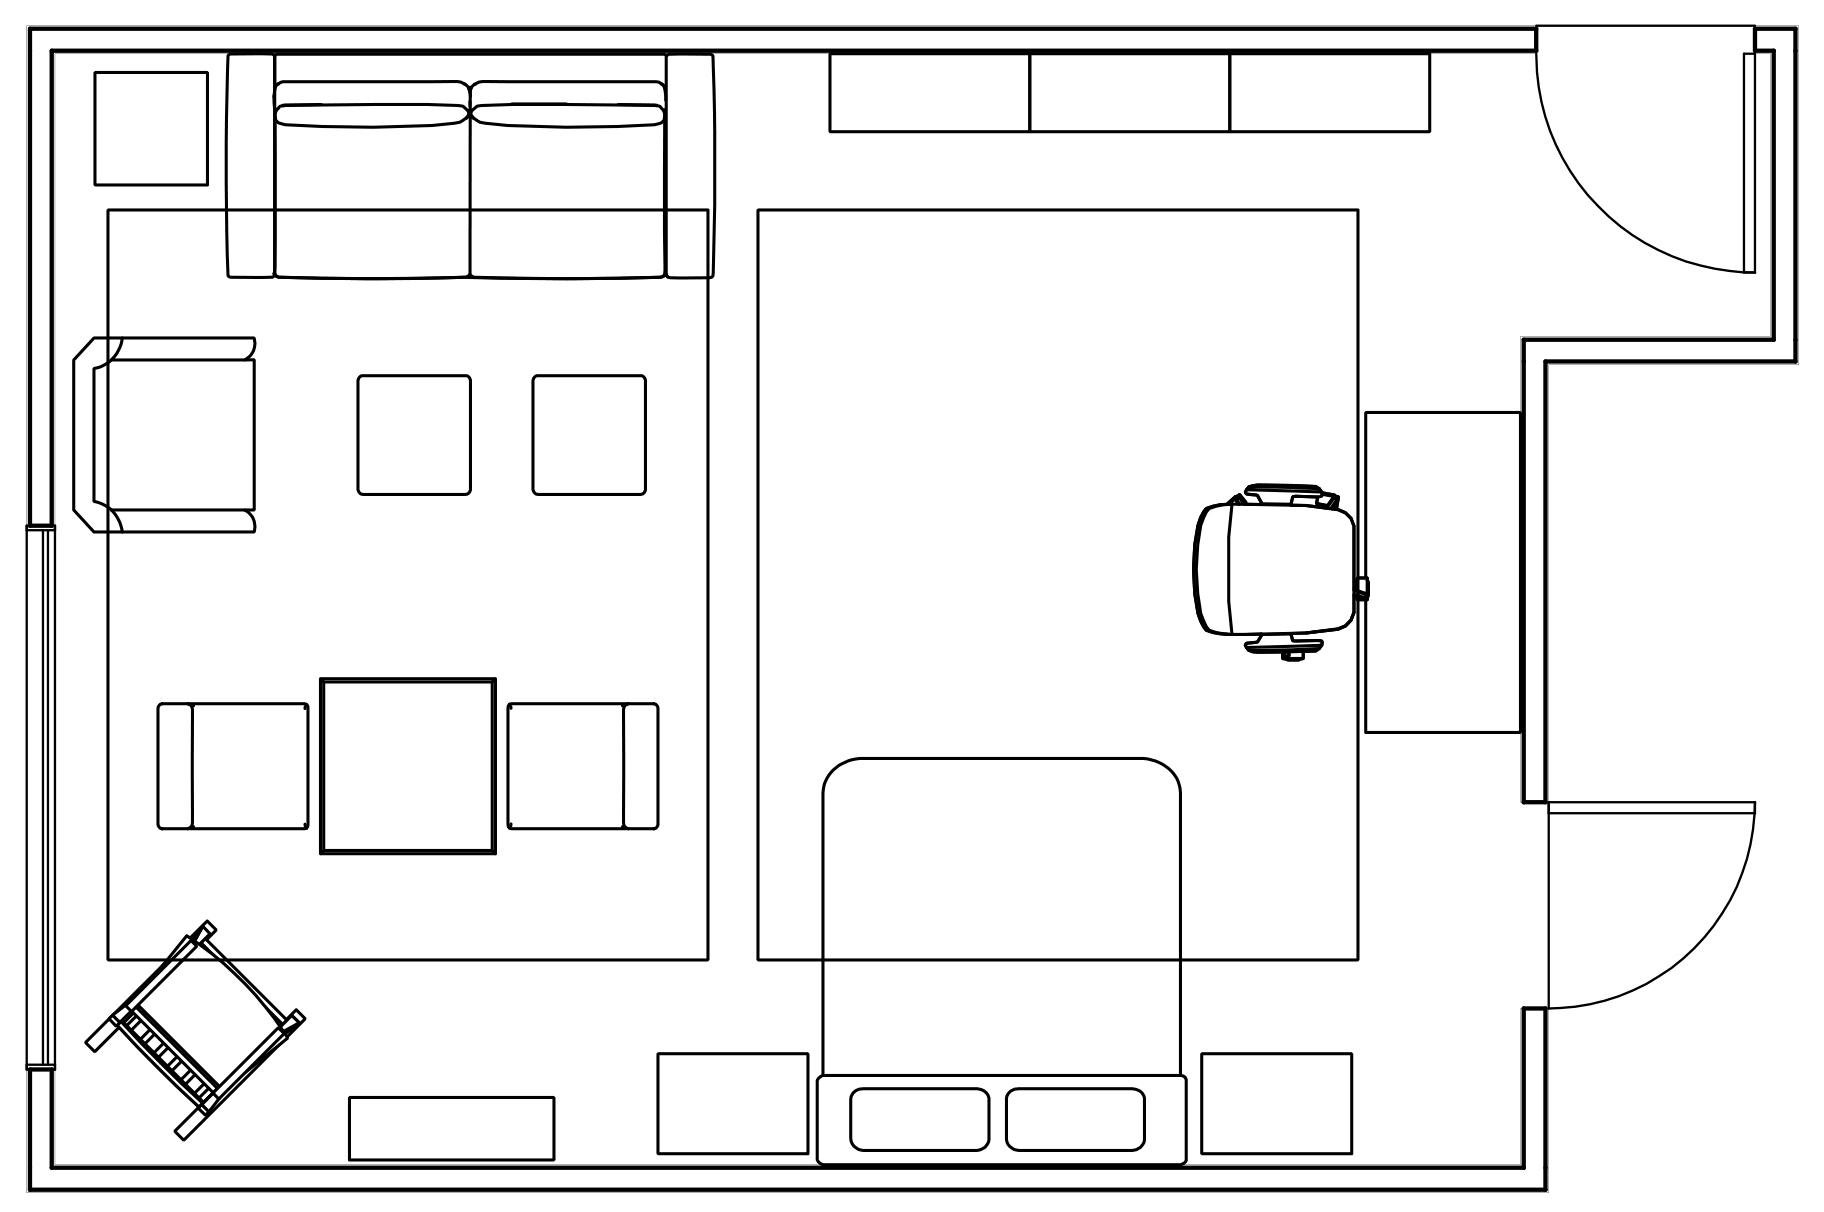 Caperton Master Bedroom.jpg